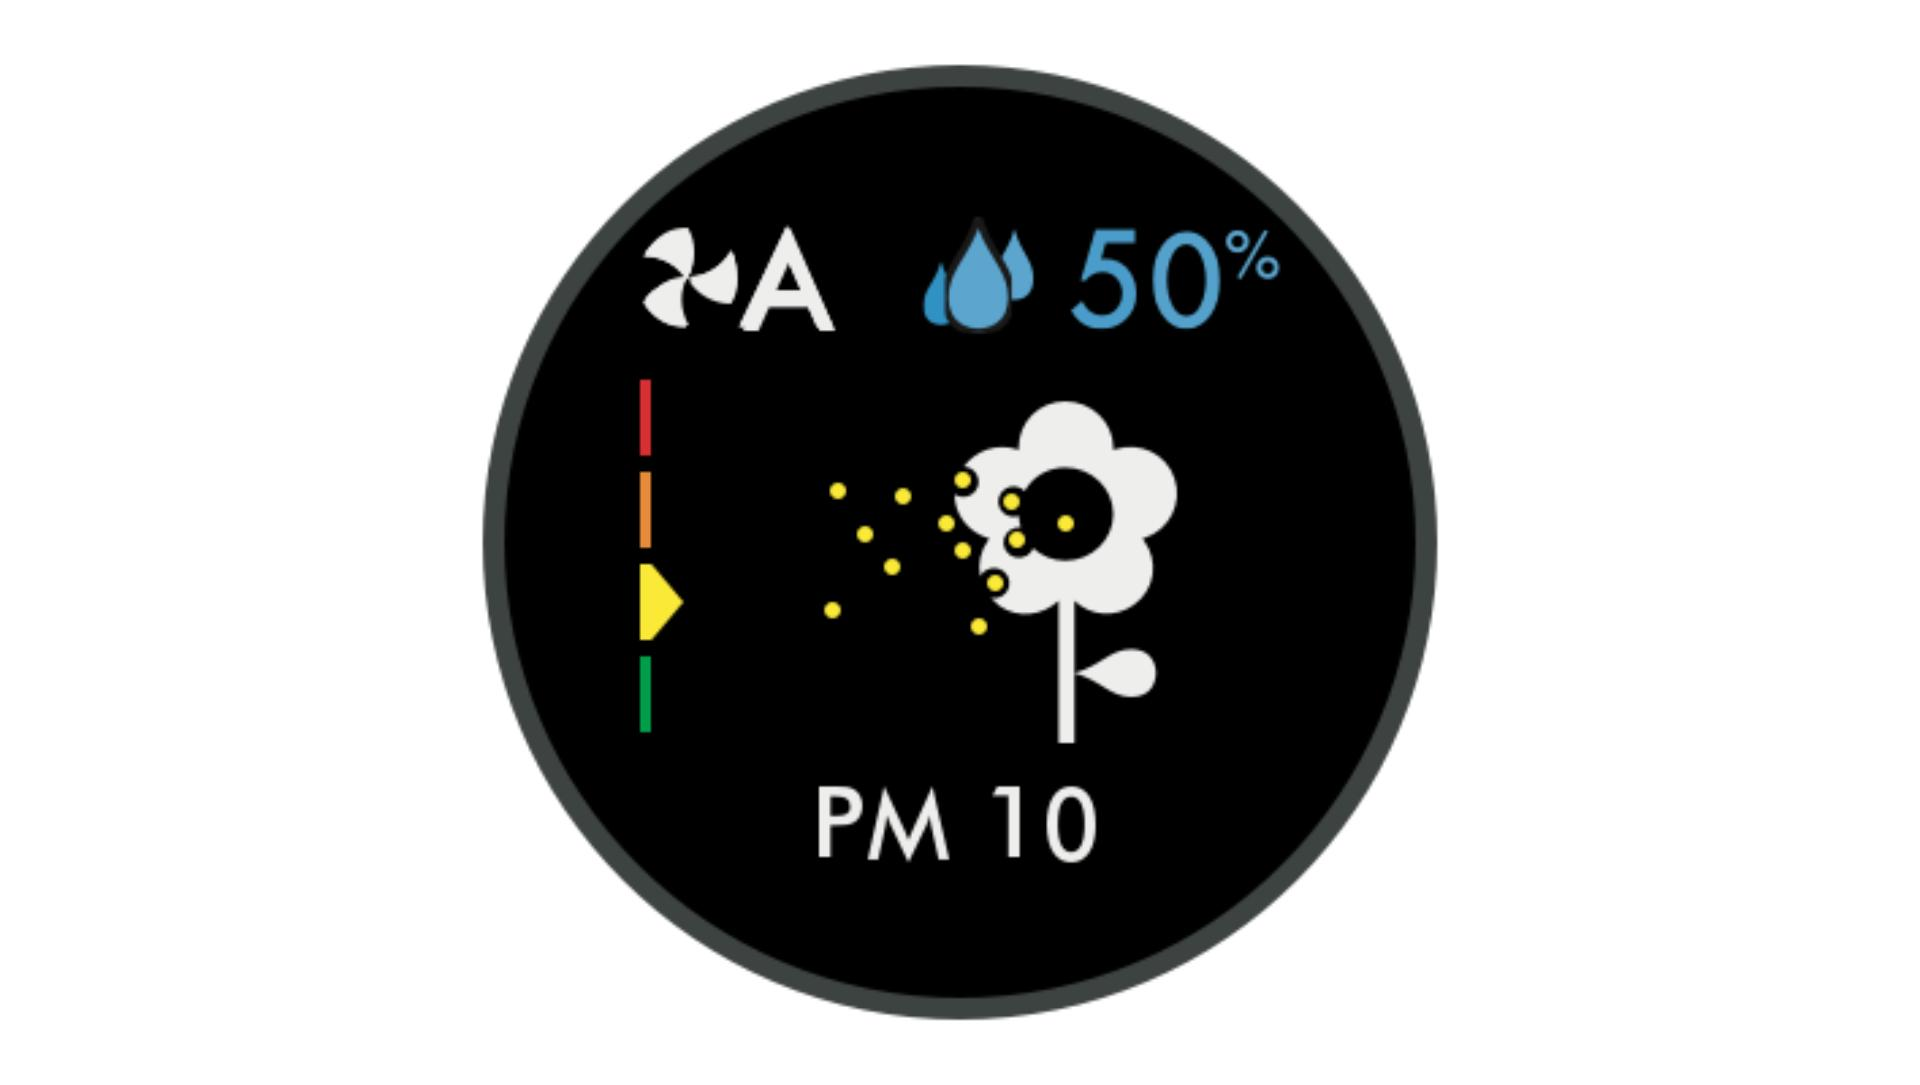 Poziom pyłu zawieszonego PM10